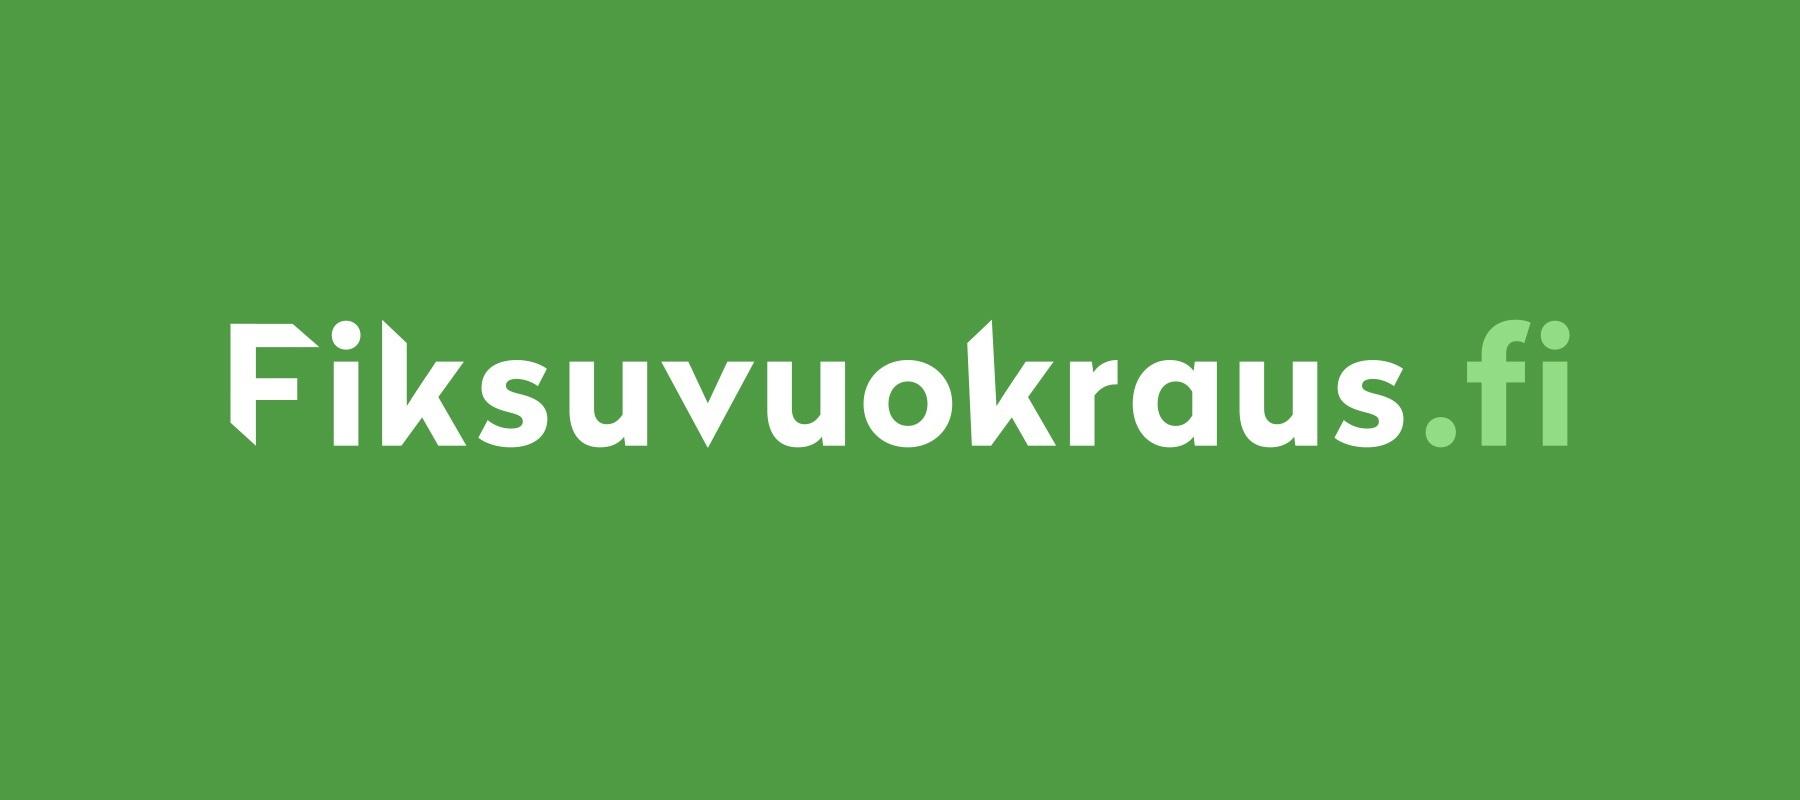 Fiksuvuokraus.fi logo